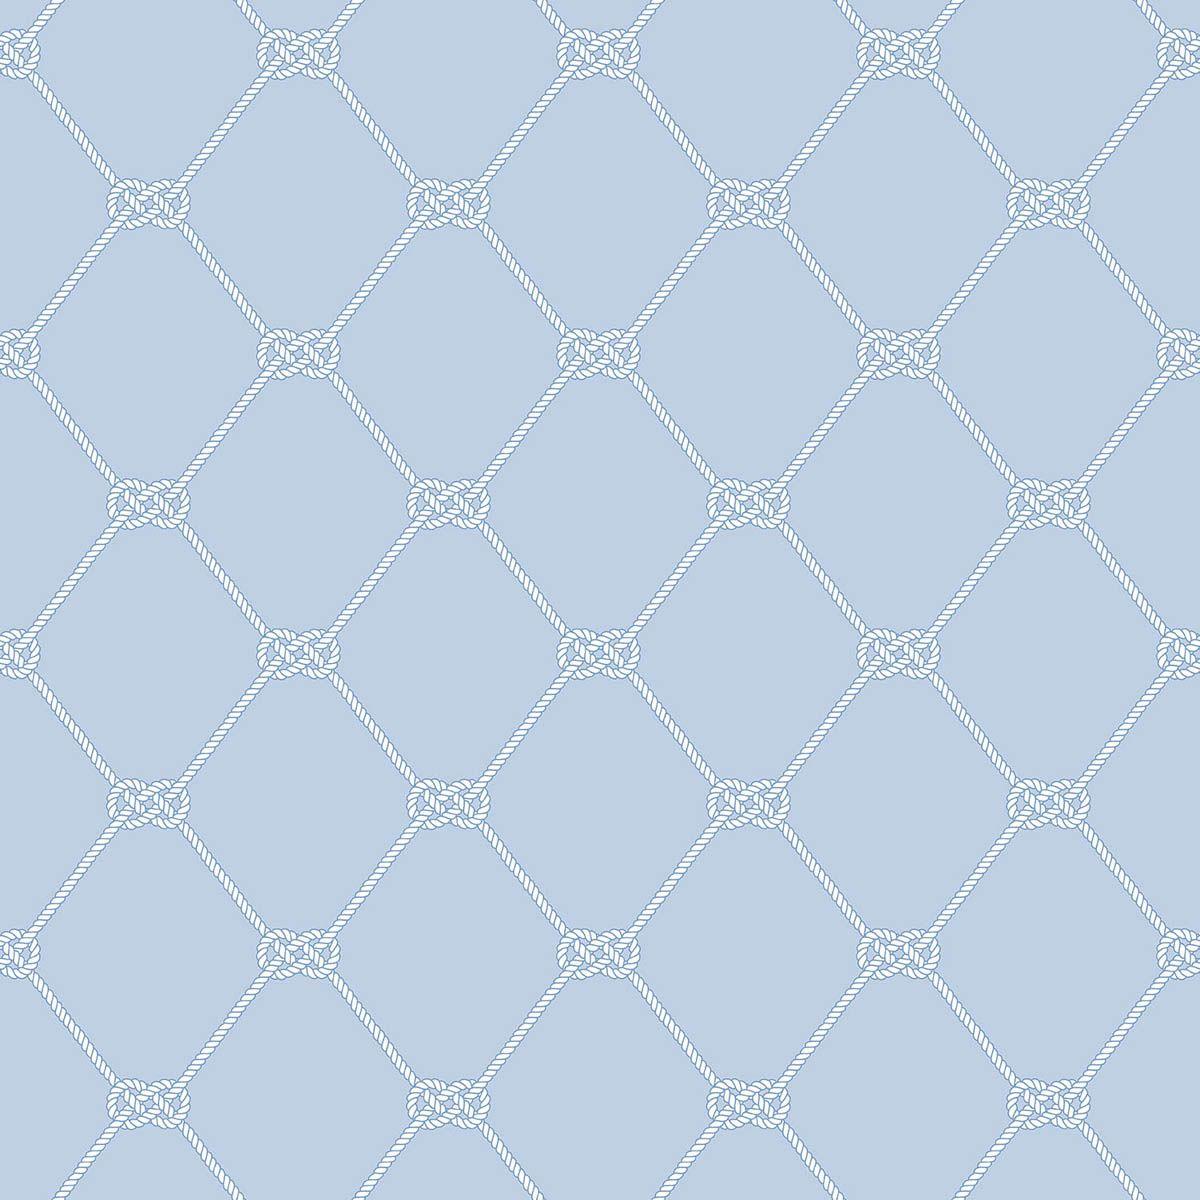 Papel de Parede Deauville 2 G23348 - Rolo: 10m x 0,53m